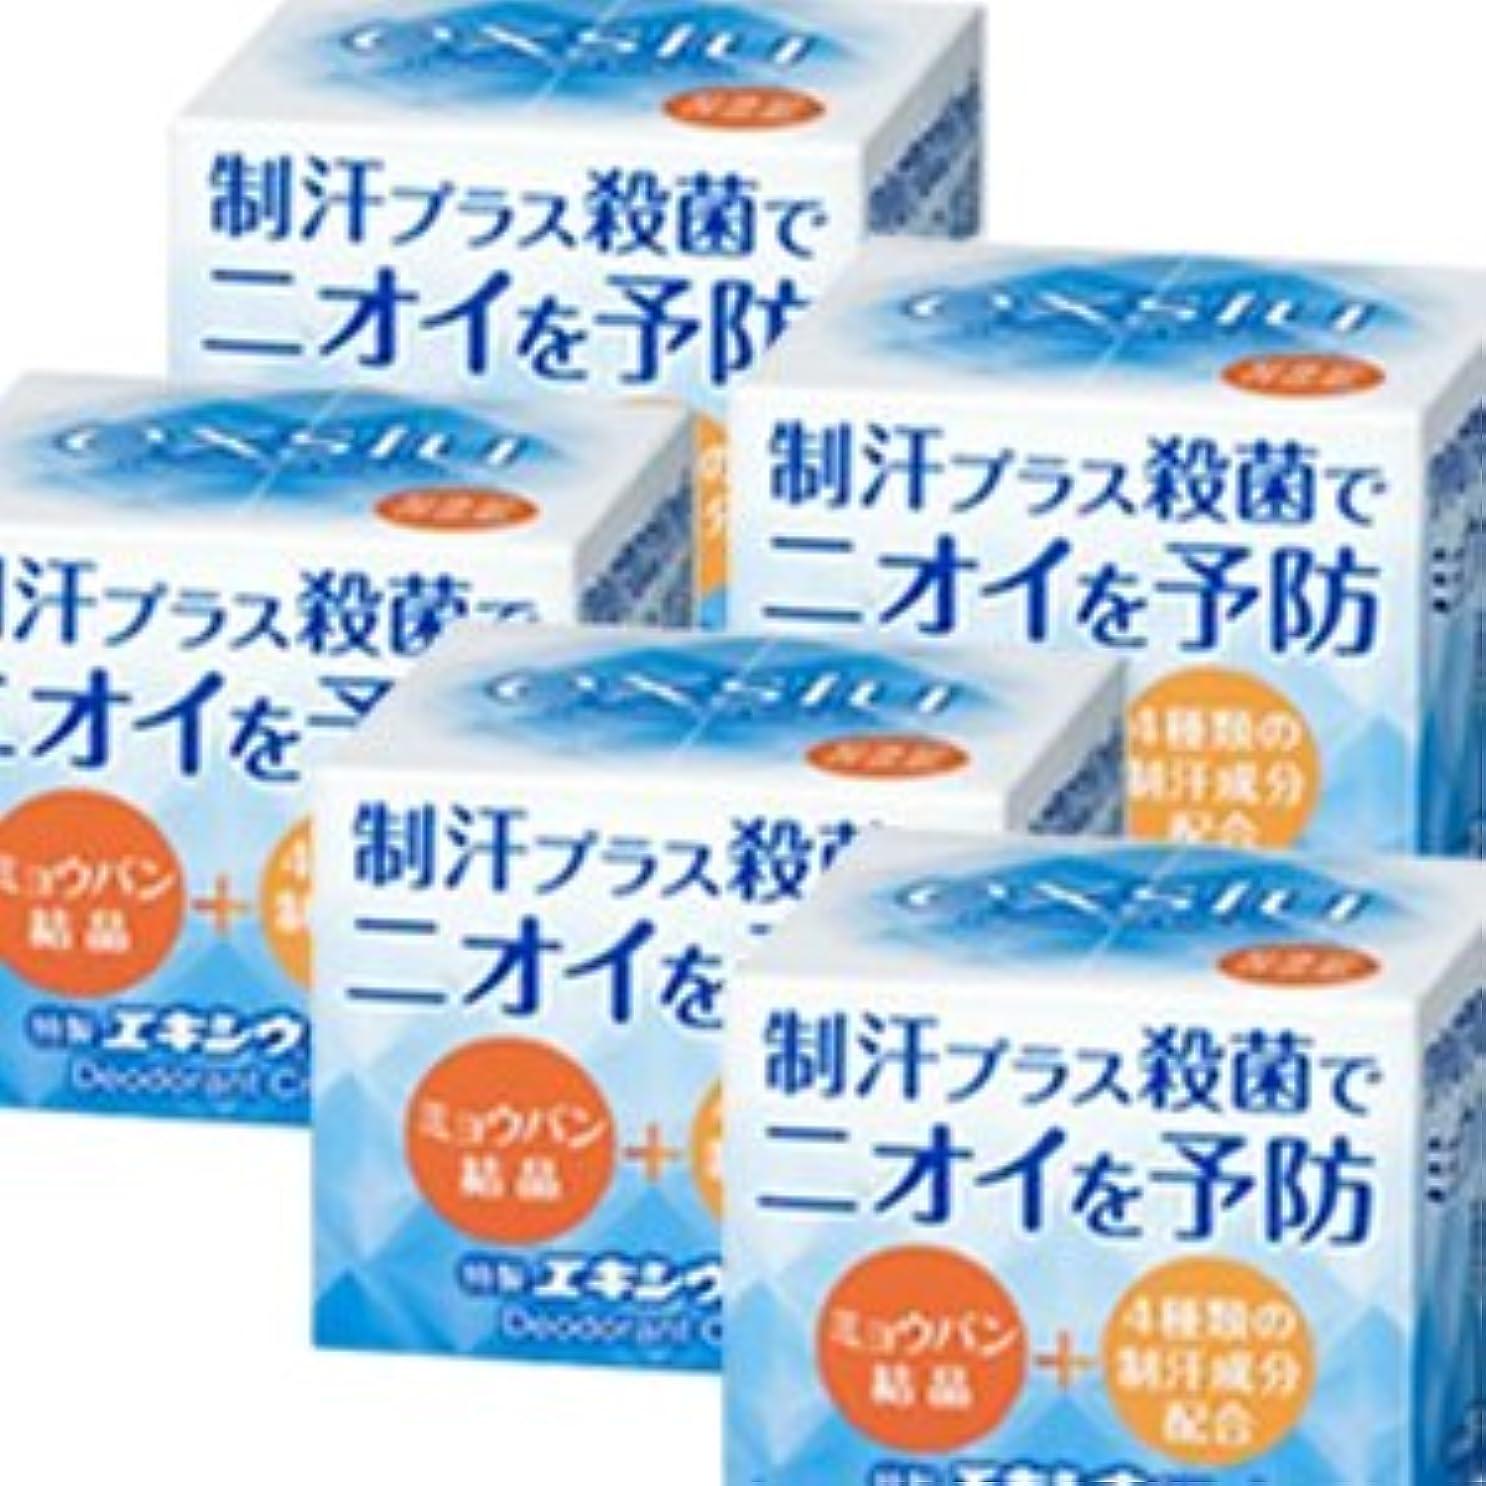 鷲オセアニア賛辞【5個】 特製エキシウクリーム 30gx5個 (4987145200228)